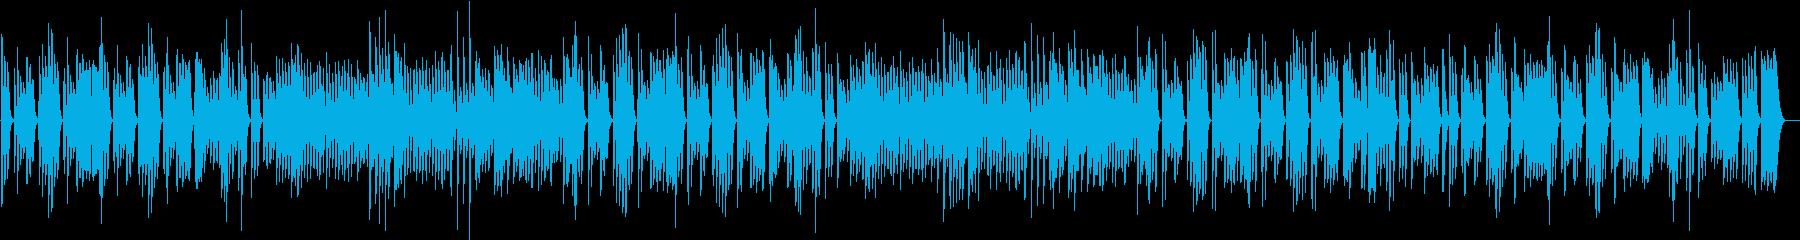 ペット動画に♪ワンパク軽快なピアノBGMの再生済みの波形